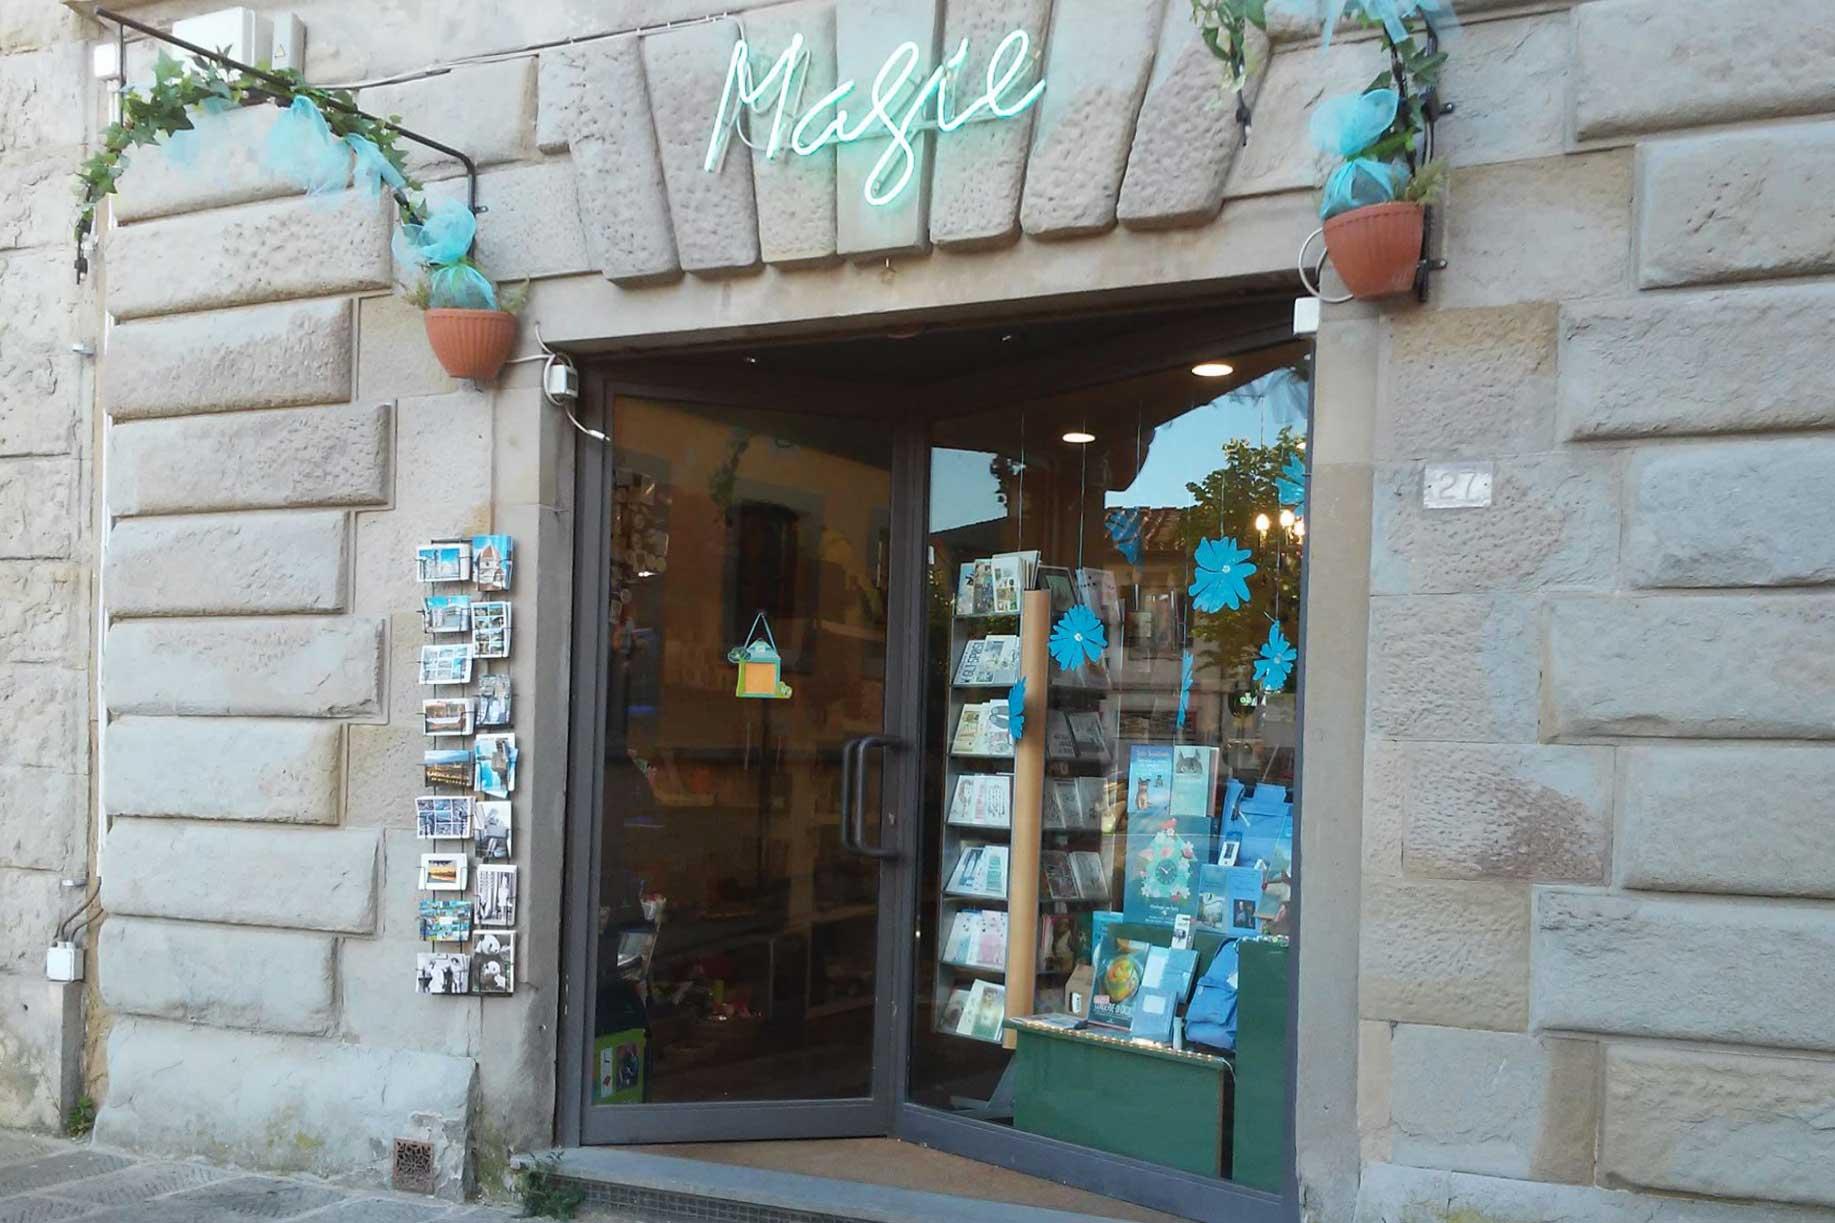 La cartoleria Magie consegna a domicilio libri, giocattoli e cancelleria